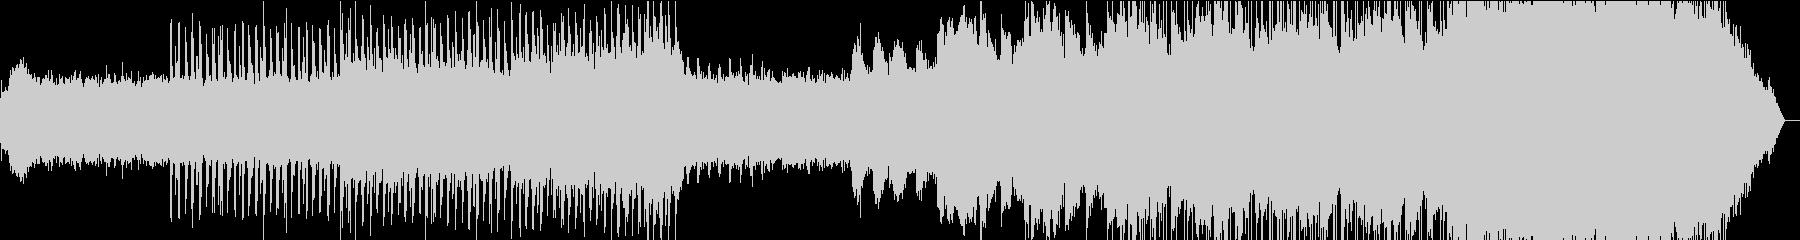 夜明けをイメージ/幻想的なエレクトロニカの未再生の波形